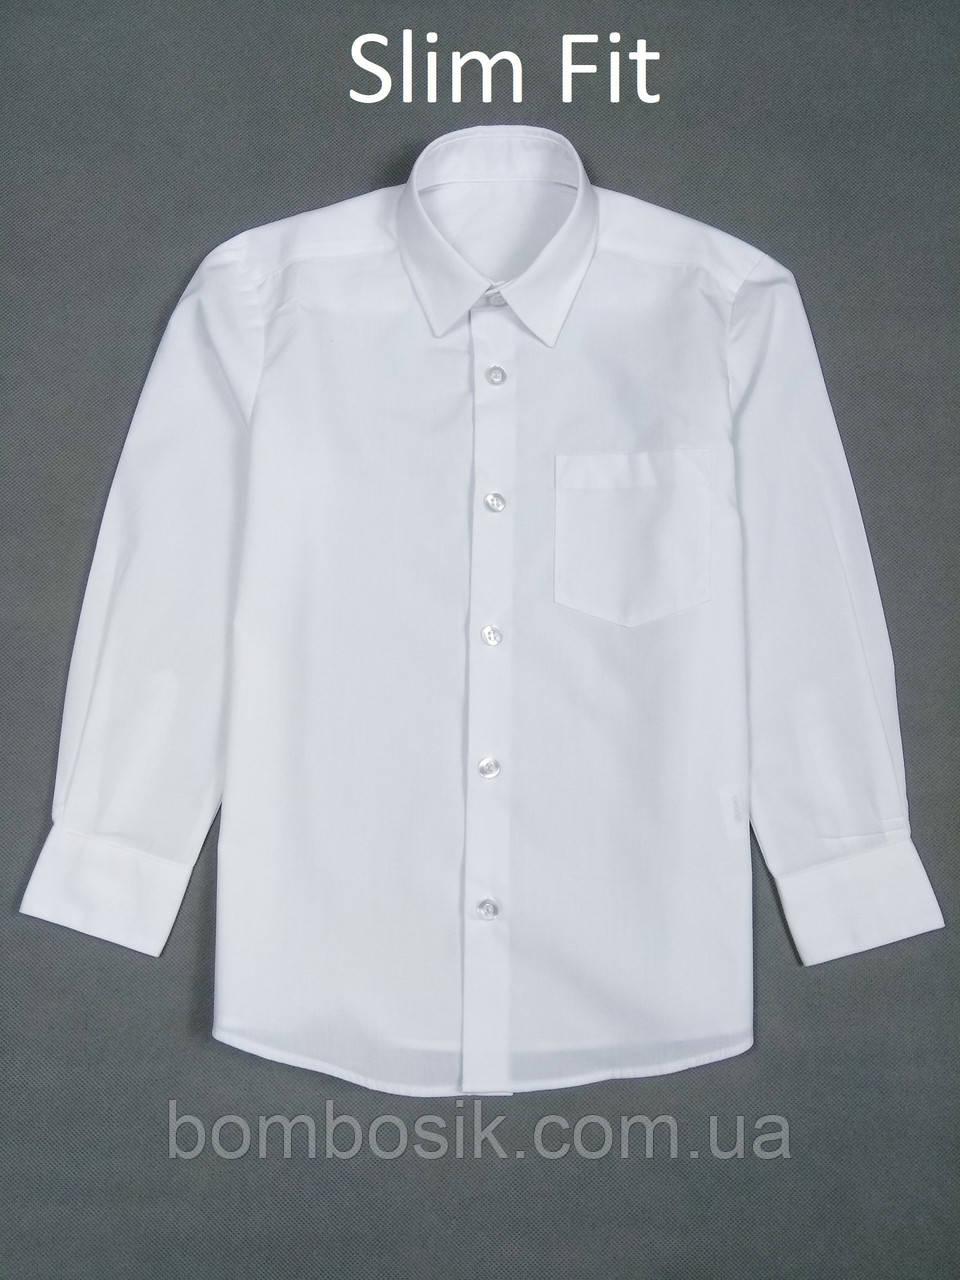 Сорочка біла для хлопчика George Slim Fit, 5-6р (110-116см)